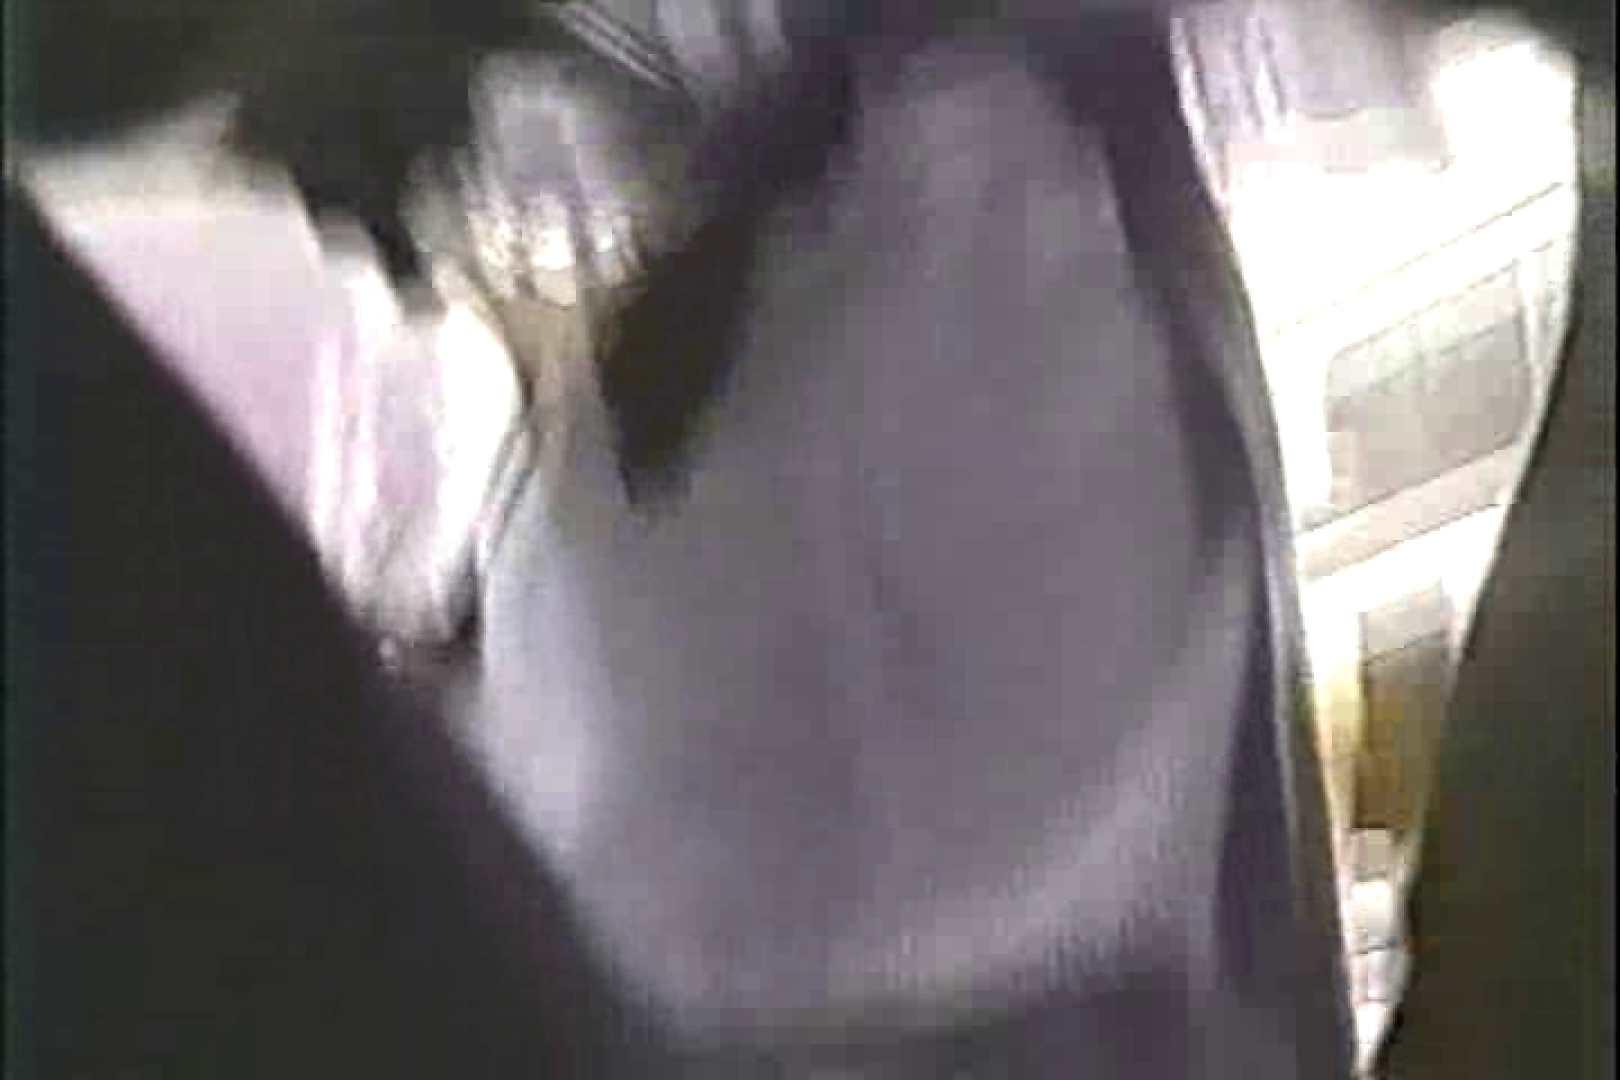 「ちくりん」さんのオリジナル未編集パンチラVol.3_01 OLセックス 隠し撮りオマンコ動画紹介 100画像 56